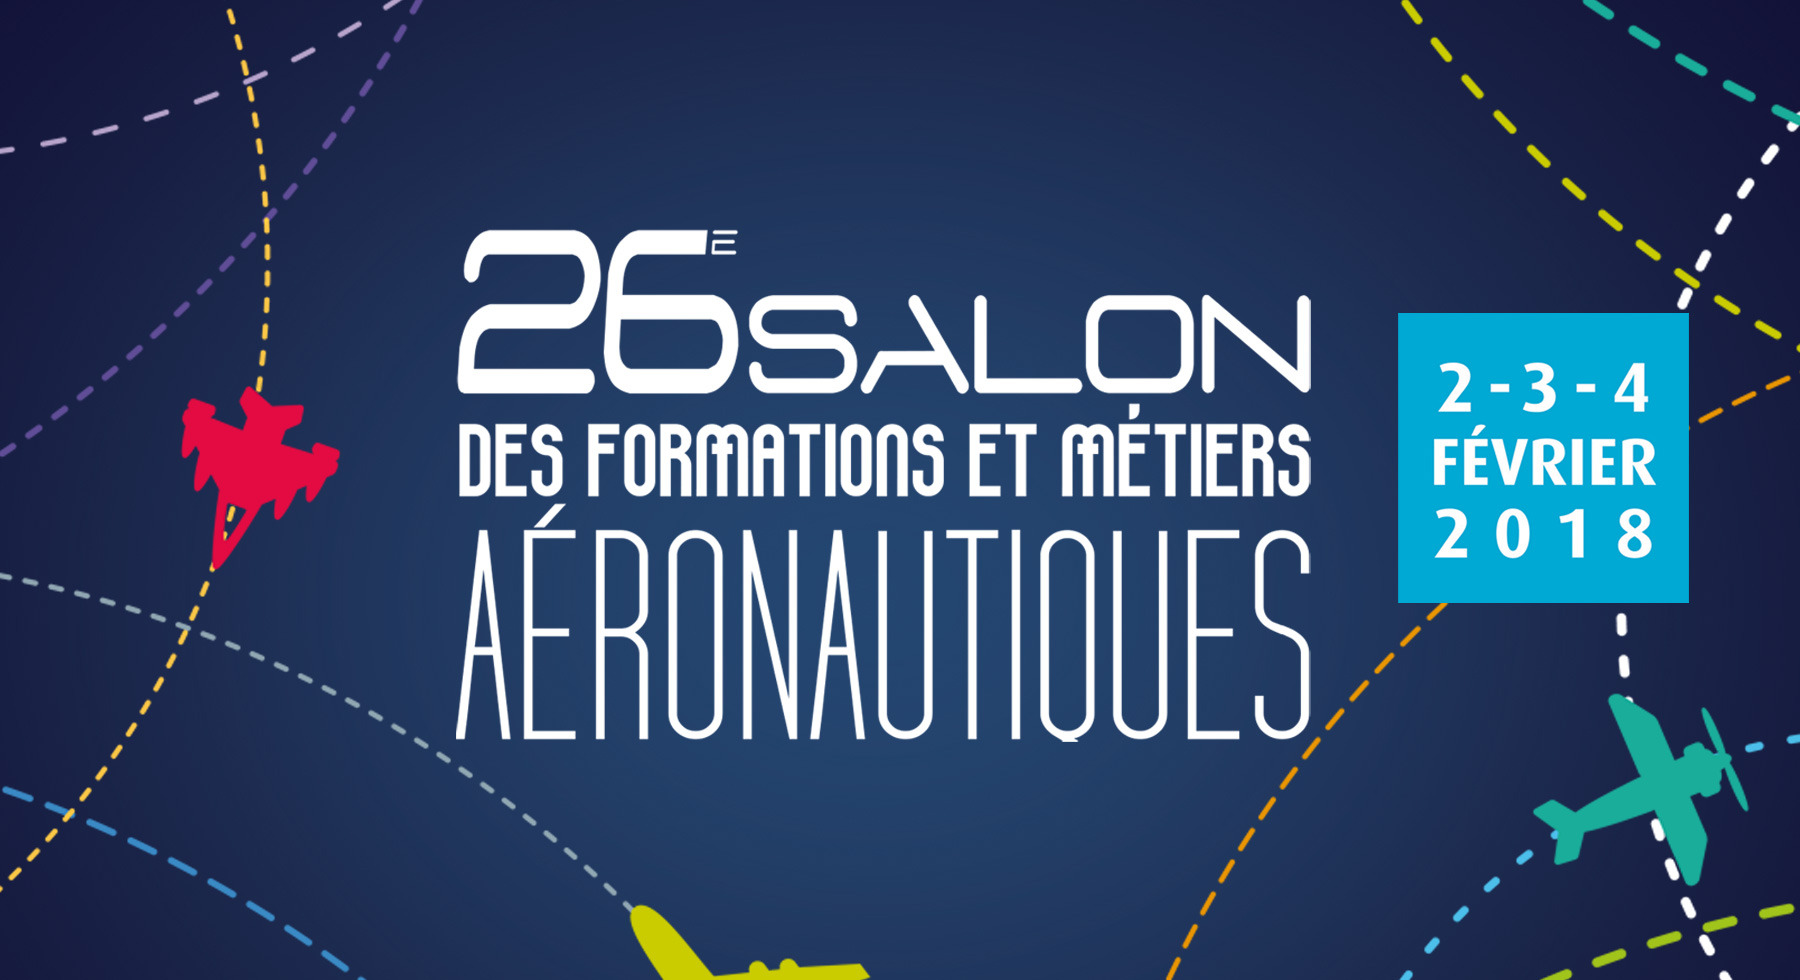 26e salon des formations et m tiers a ronautiques mus e for Salon du bourget 2018